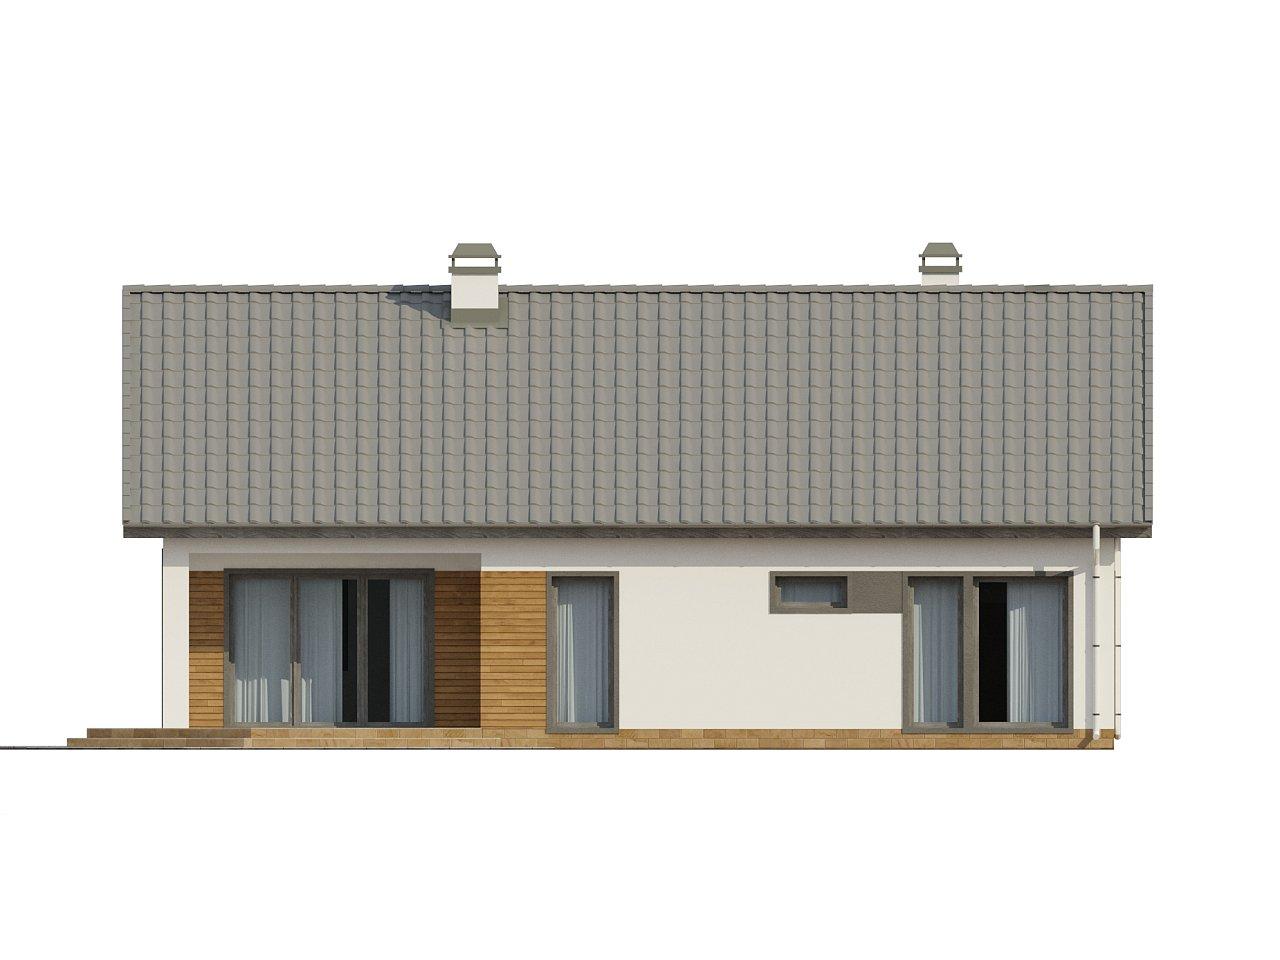 Дом традиционной формы с современными архитектурными дополнениями. Свободная планировка мансарды и антресоль над гостиной. 24